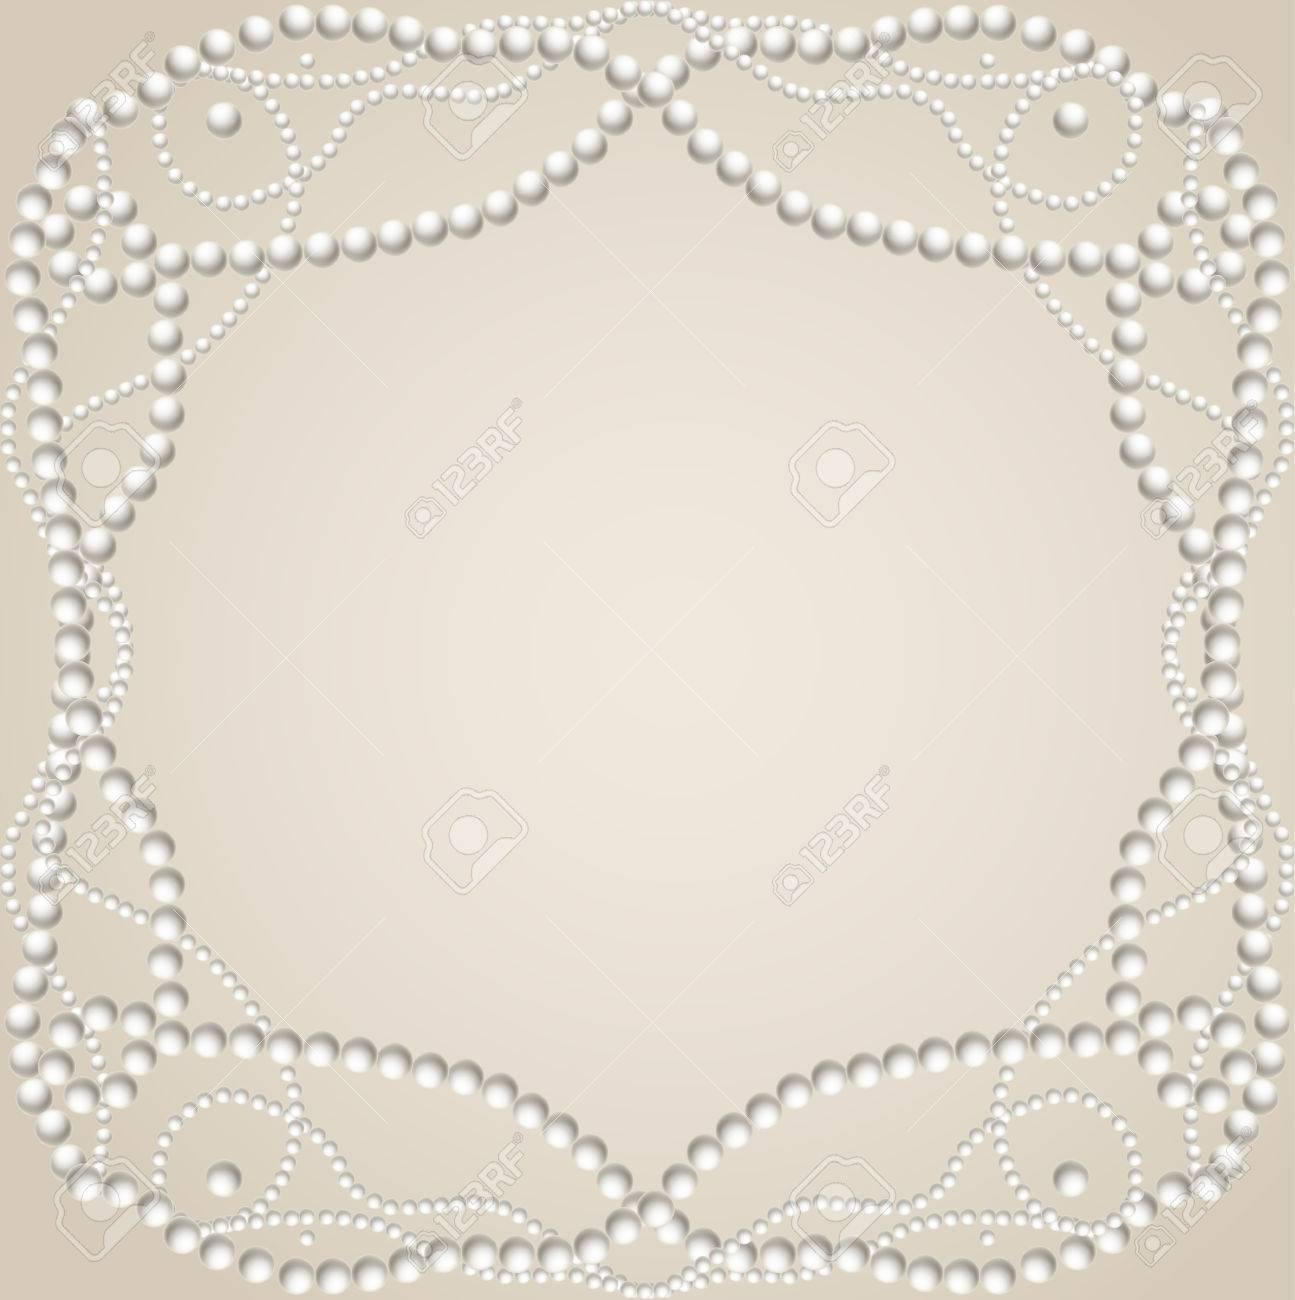 Fondo Beige Con Collar De Perlas Marco De Ilustración Vectorial ...